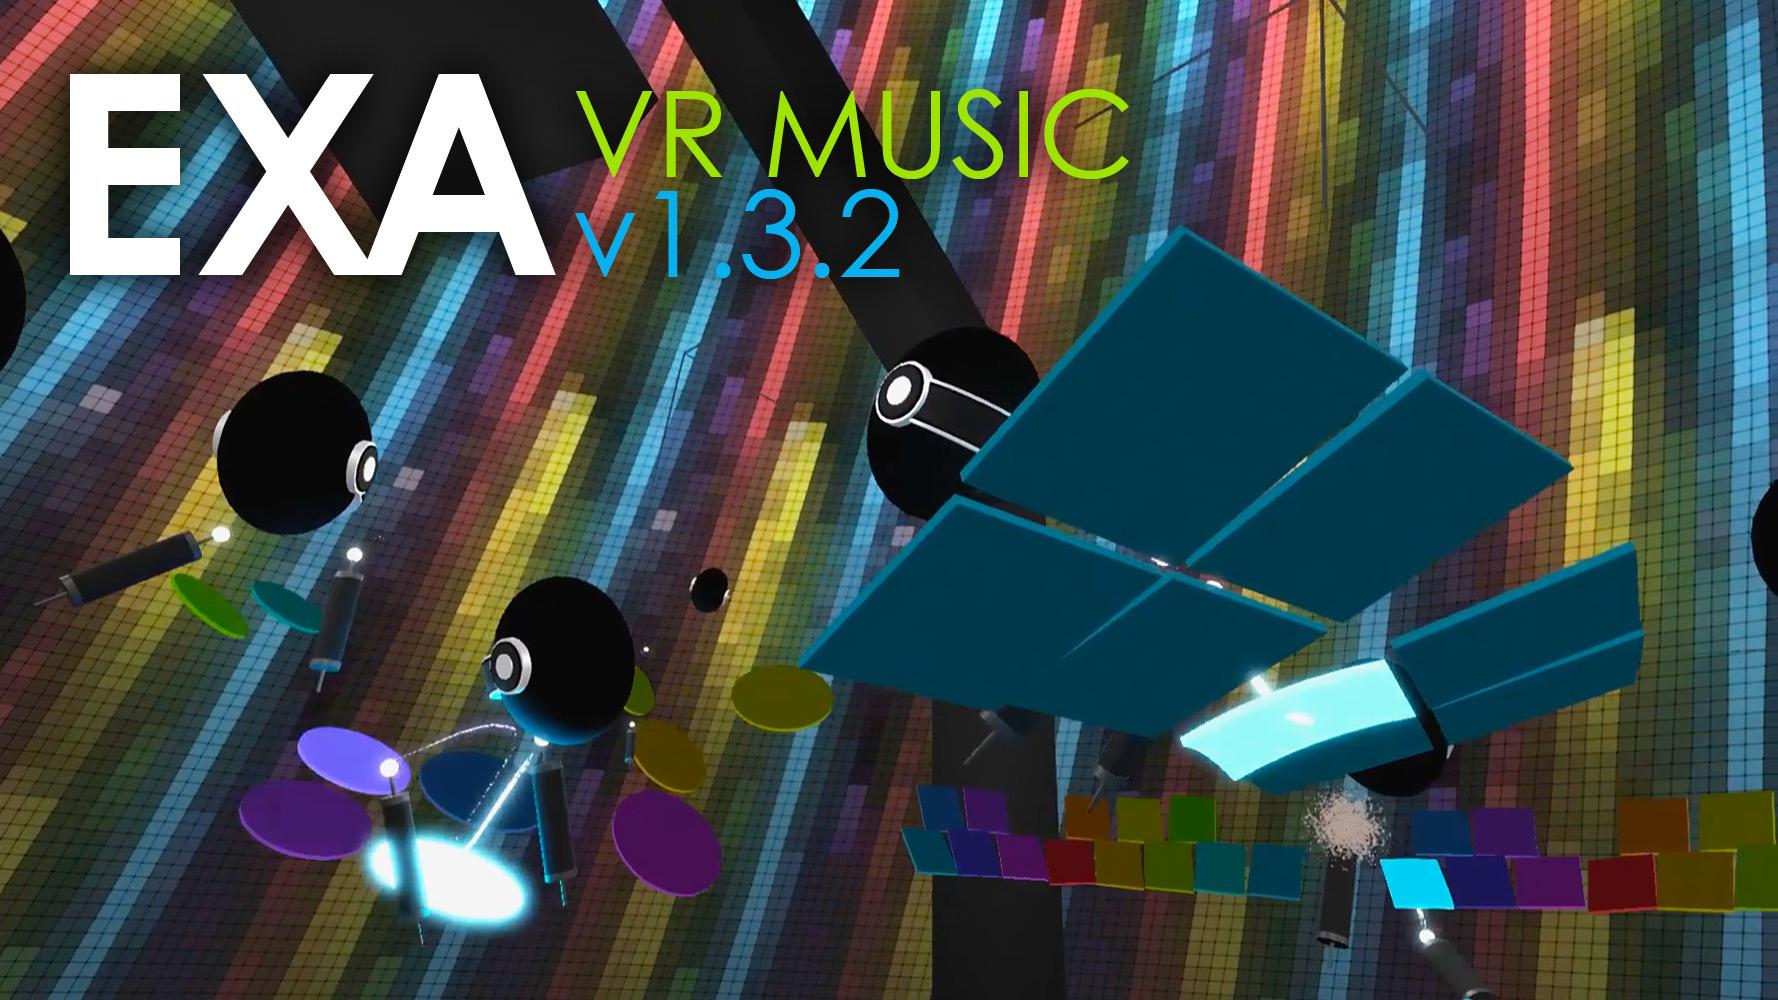 EXA: The Infinite Instrument :: v1 3 2: Audio Samples, MIDI Output